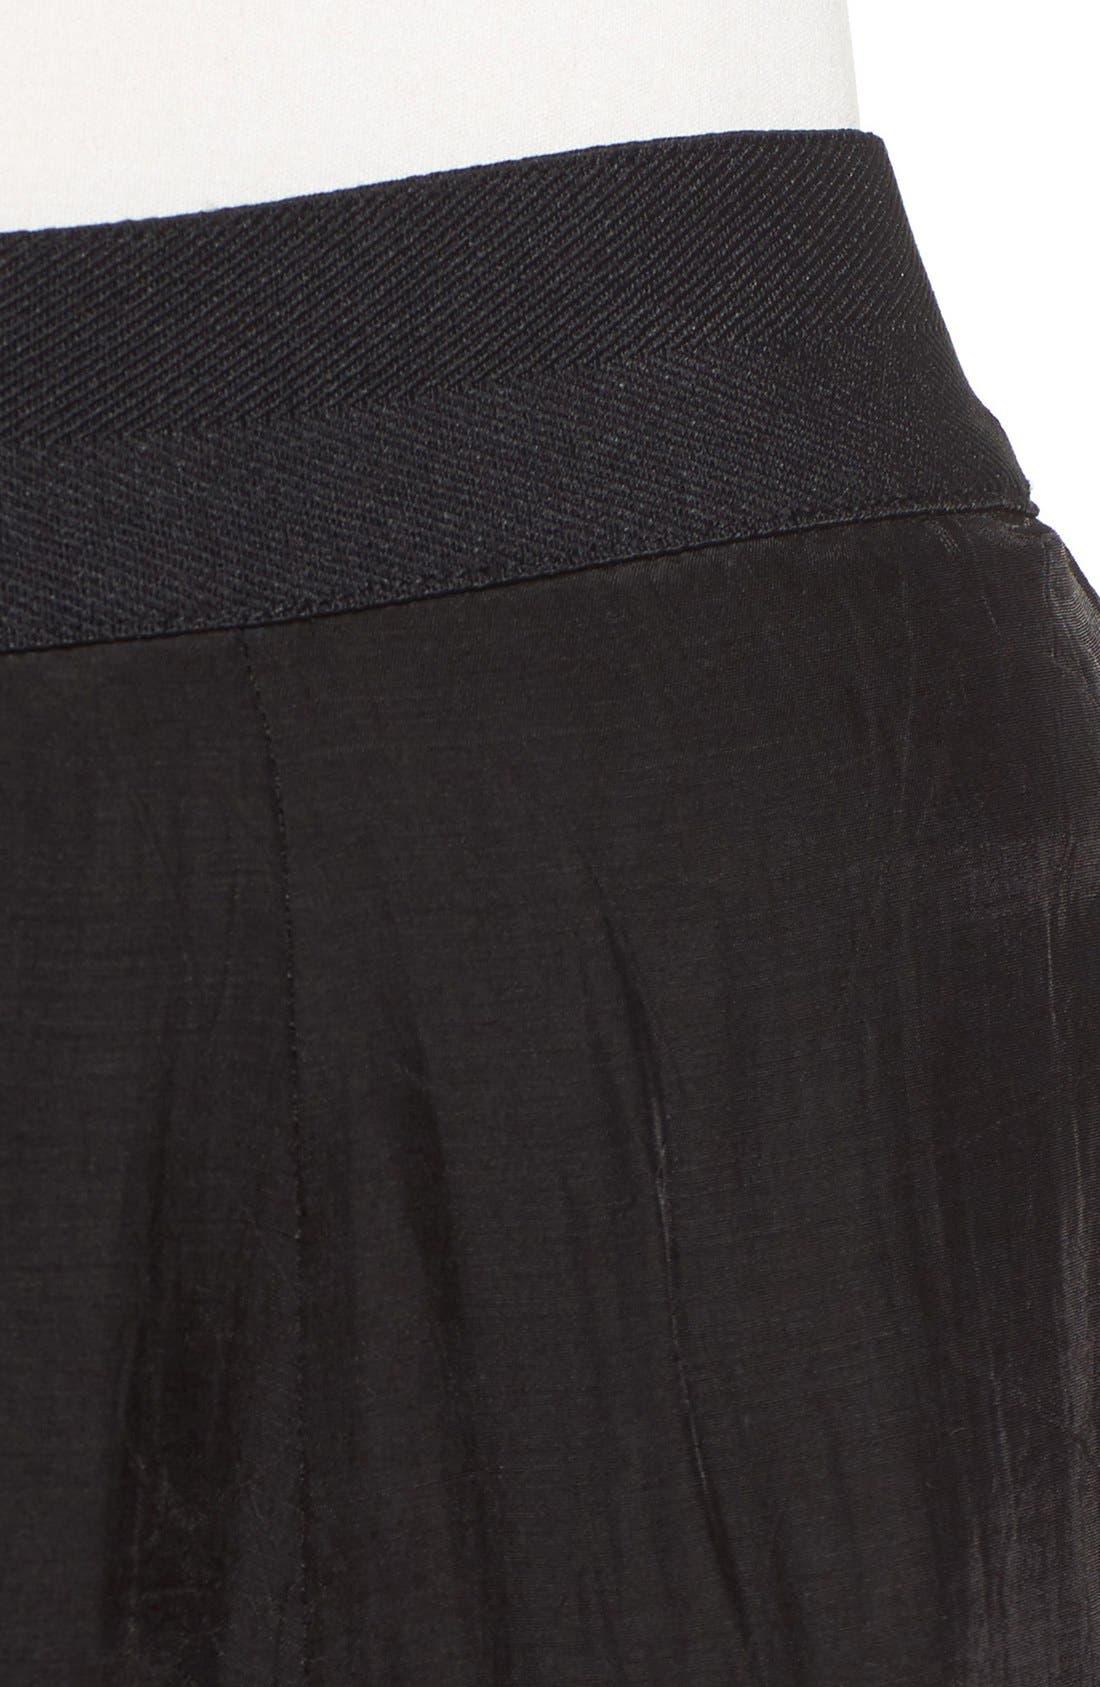 Batiste Party Skirt,                             Alternate thumbnail 3, color,                             004